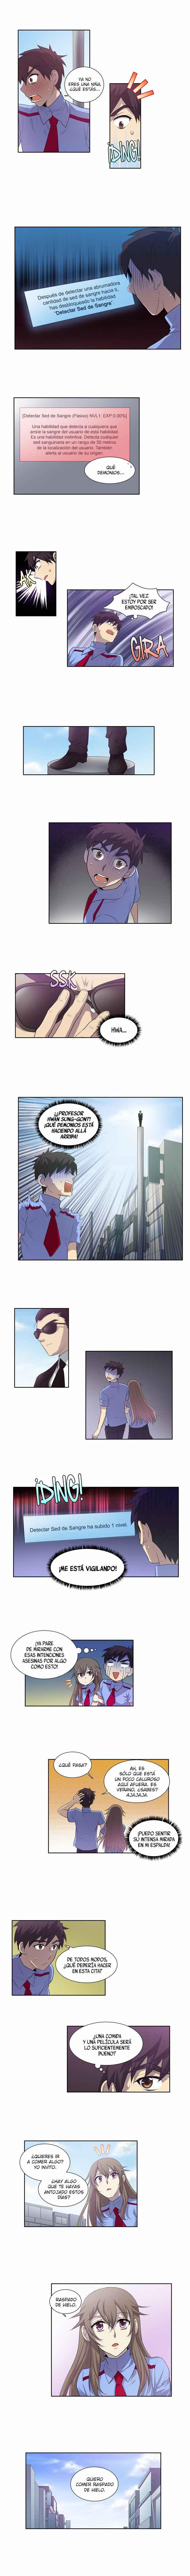 https://c5.ninemanga.com/es_manga/61/1725/364502/3c8179de1979ed5f080f0871c7bd9bde.jpg Page 3